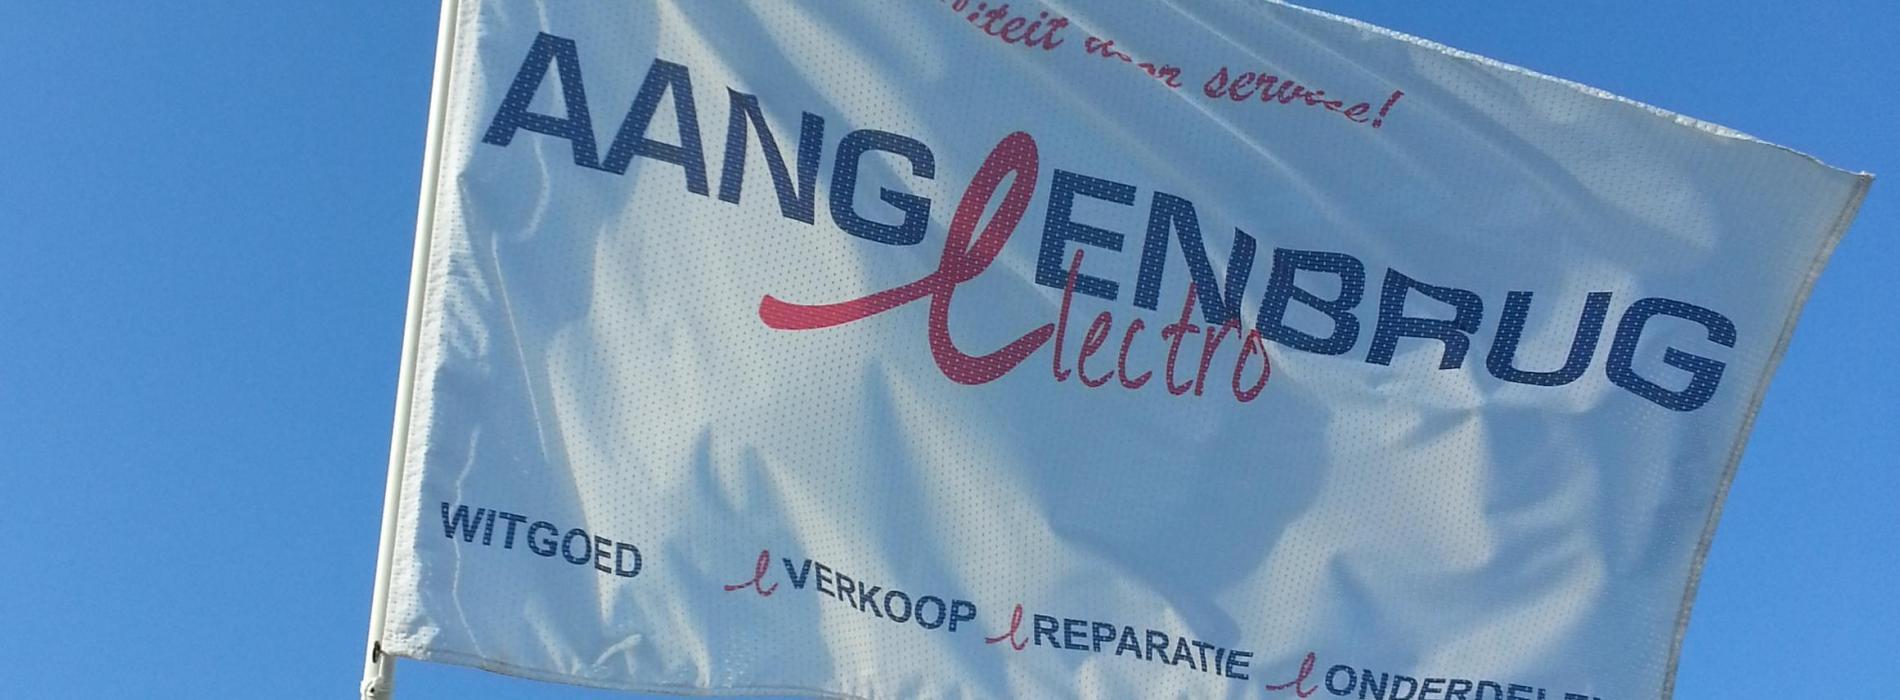 405-vlag.jpg - Aangeenbrug Electro